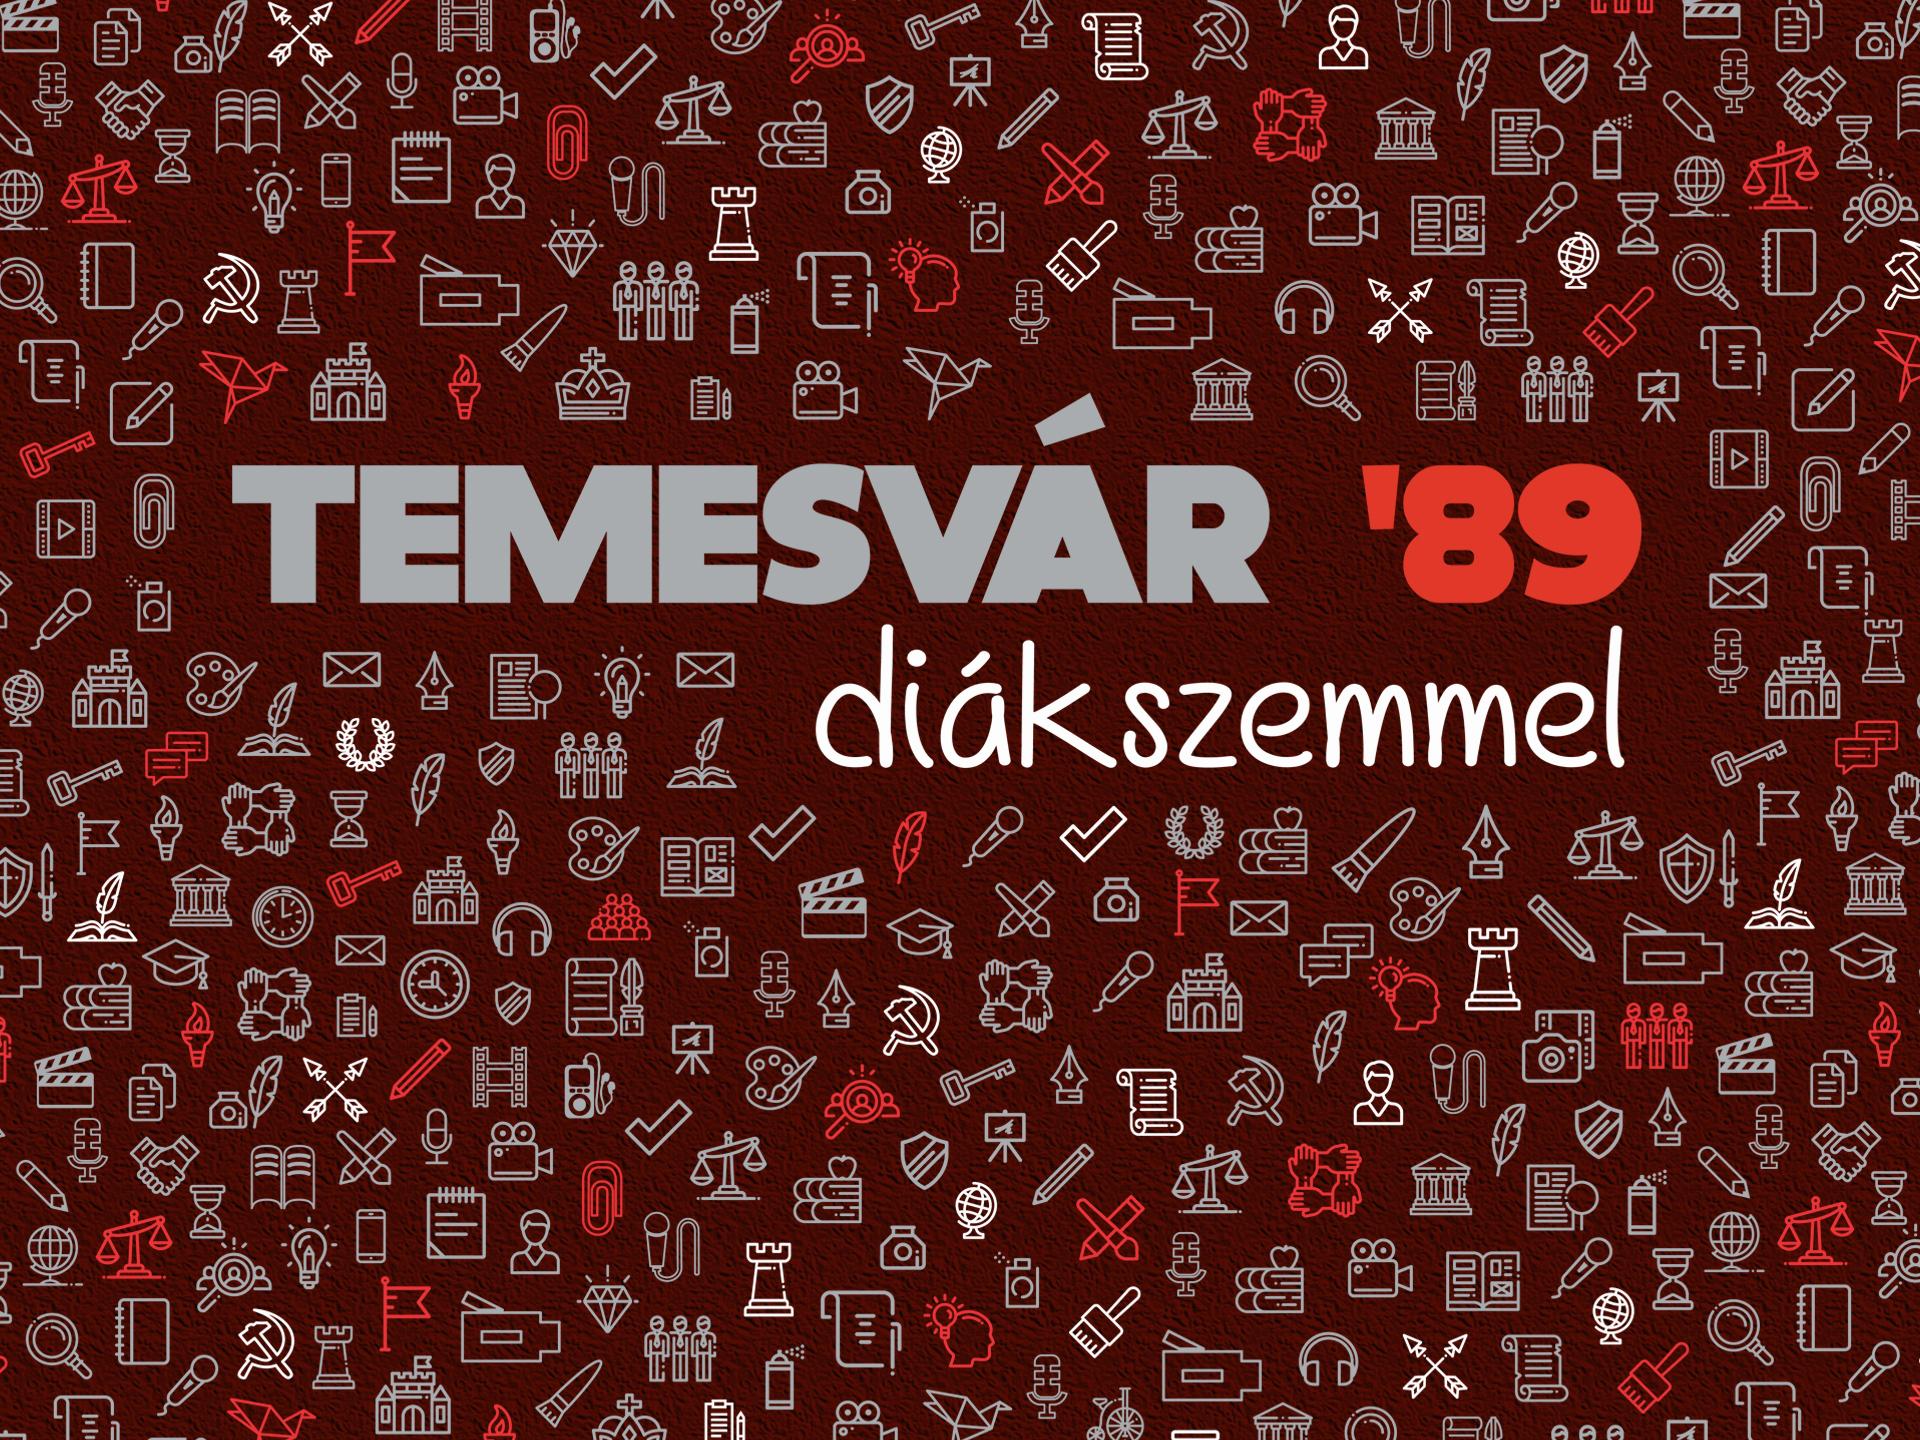 Temesvár '89 diákszemmel – találkozó